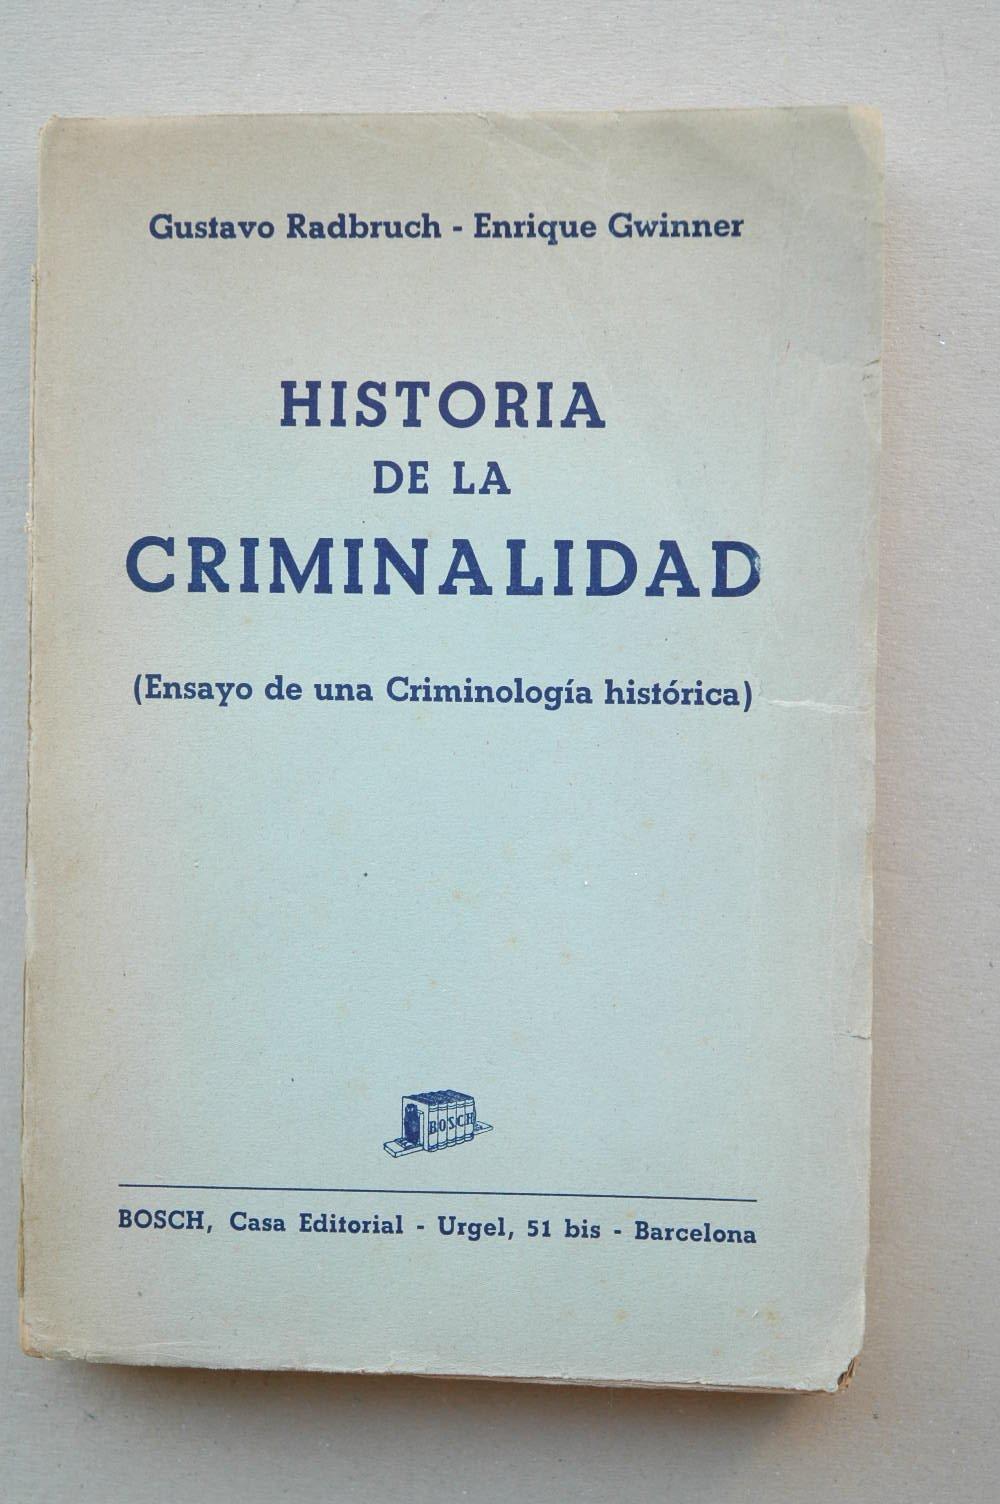 Historia de la criminalidad: ensayo de una criminología histórica: Amazon.es: Gustav Radbruch: Libros